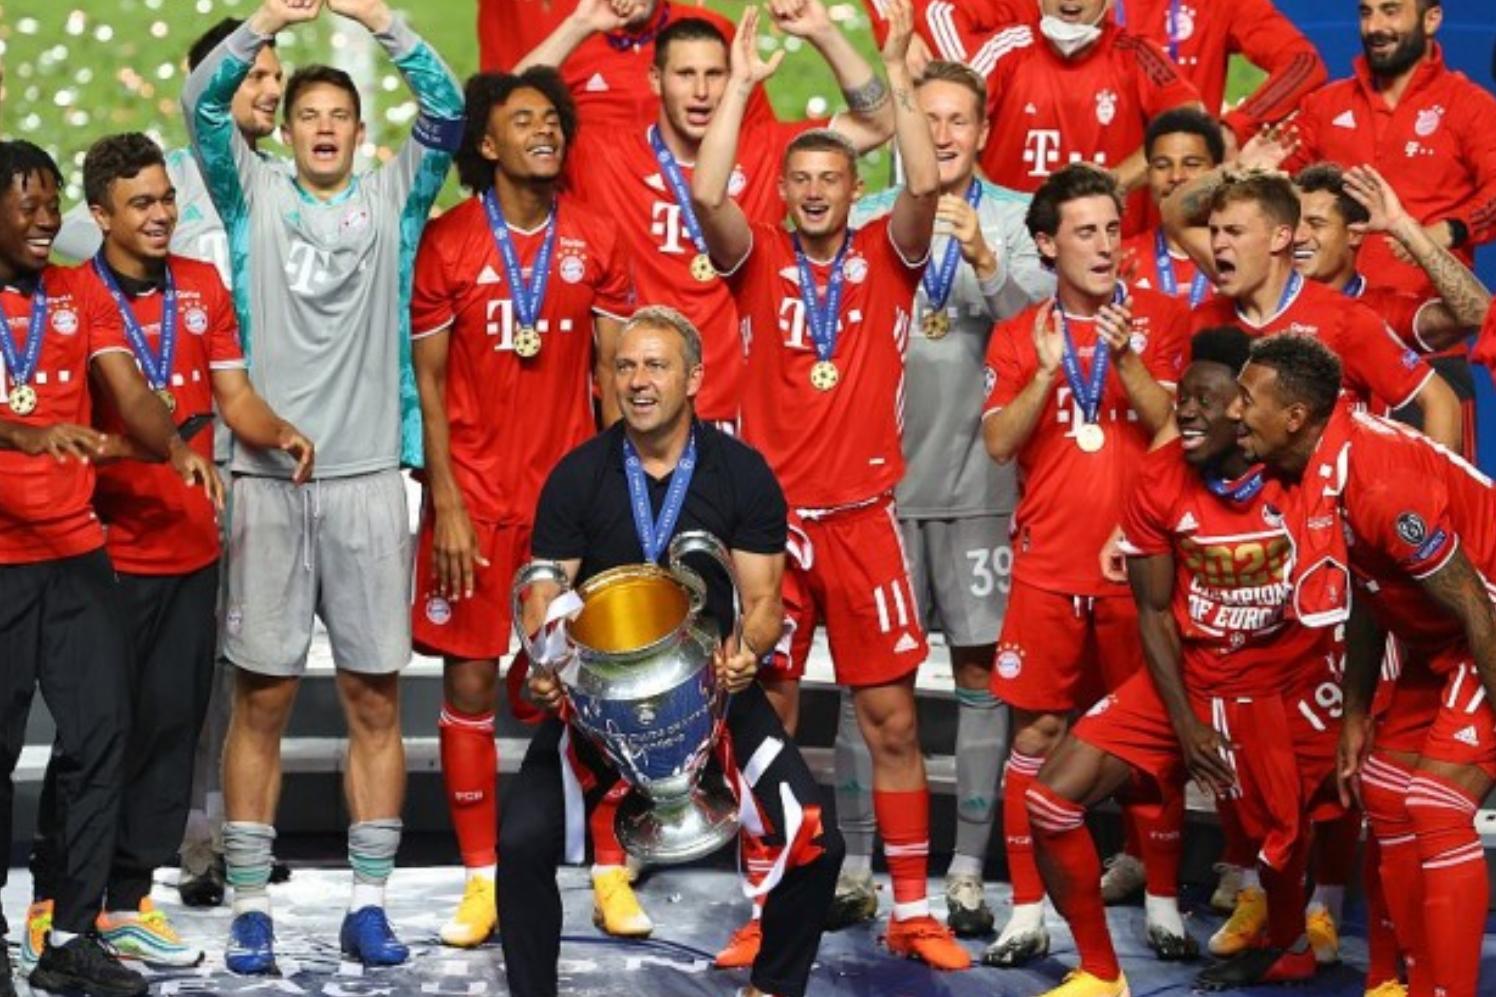 欧足联官员:单场淘汰制更加刺激,未来可能考虑改变八强赛制-今球app官网